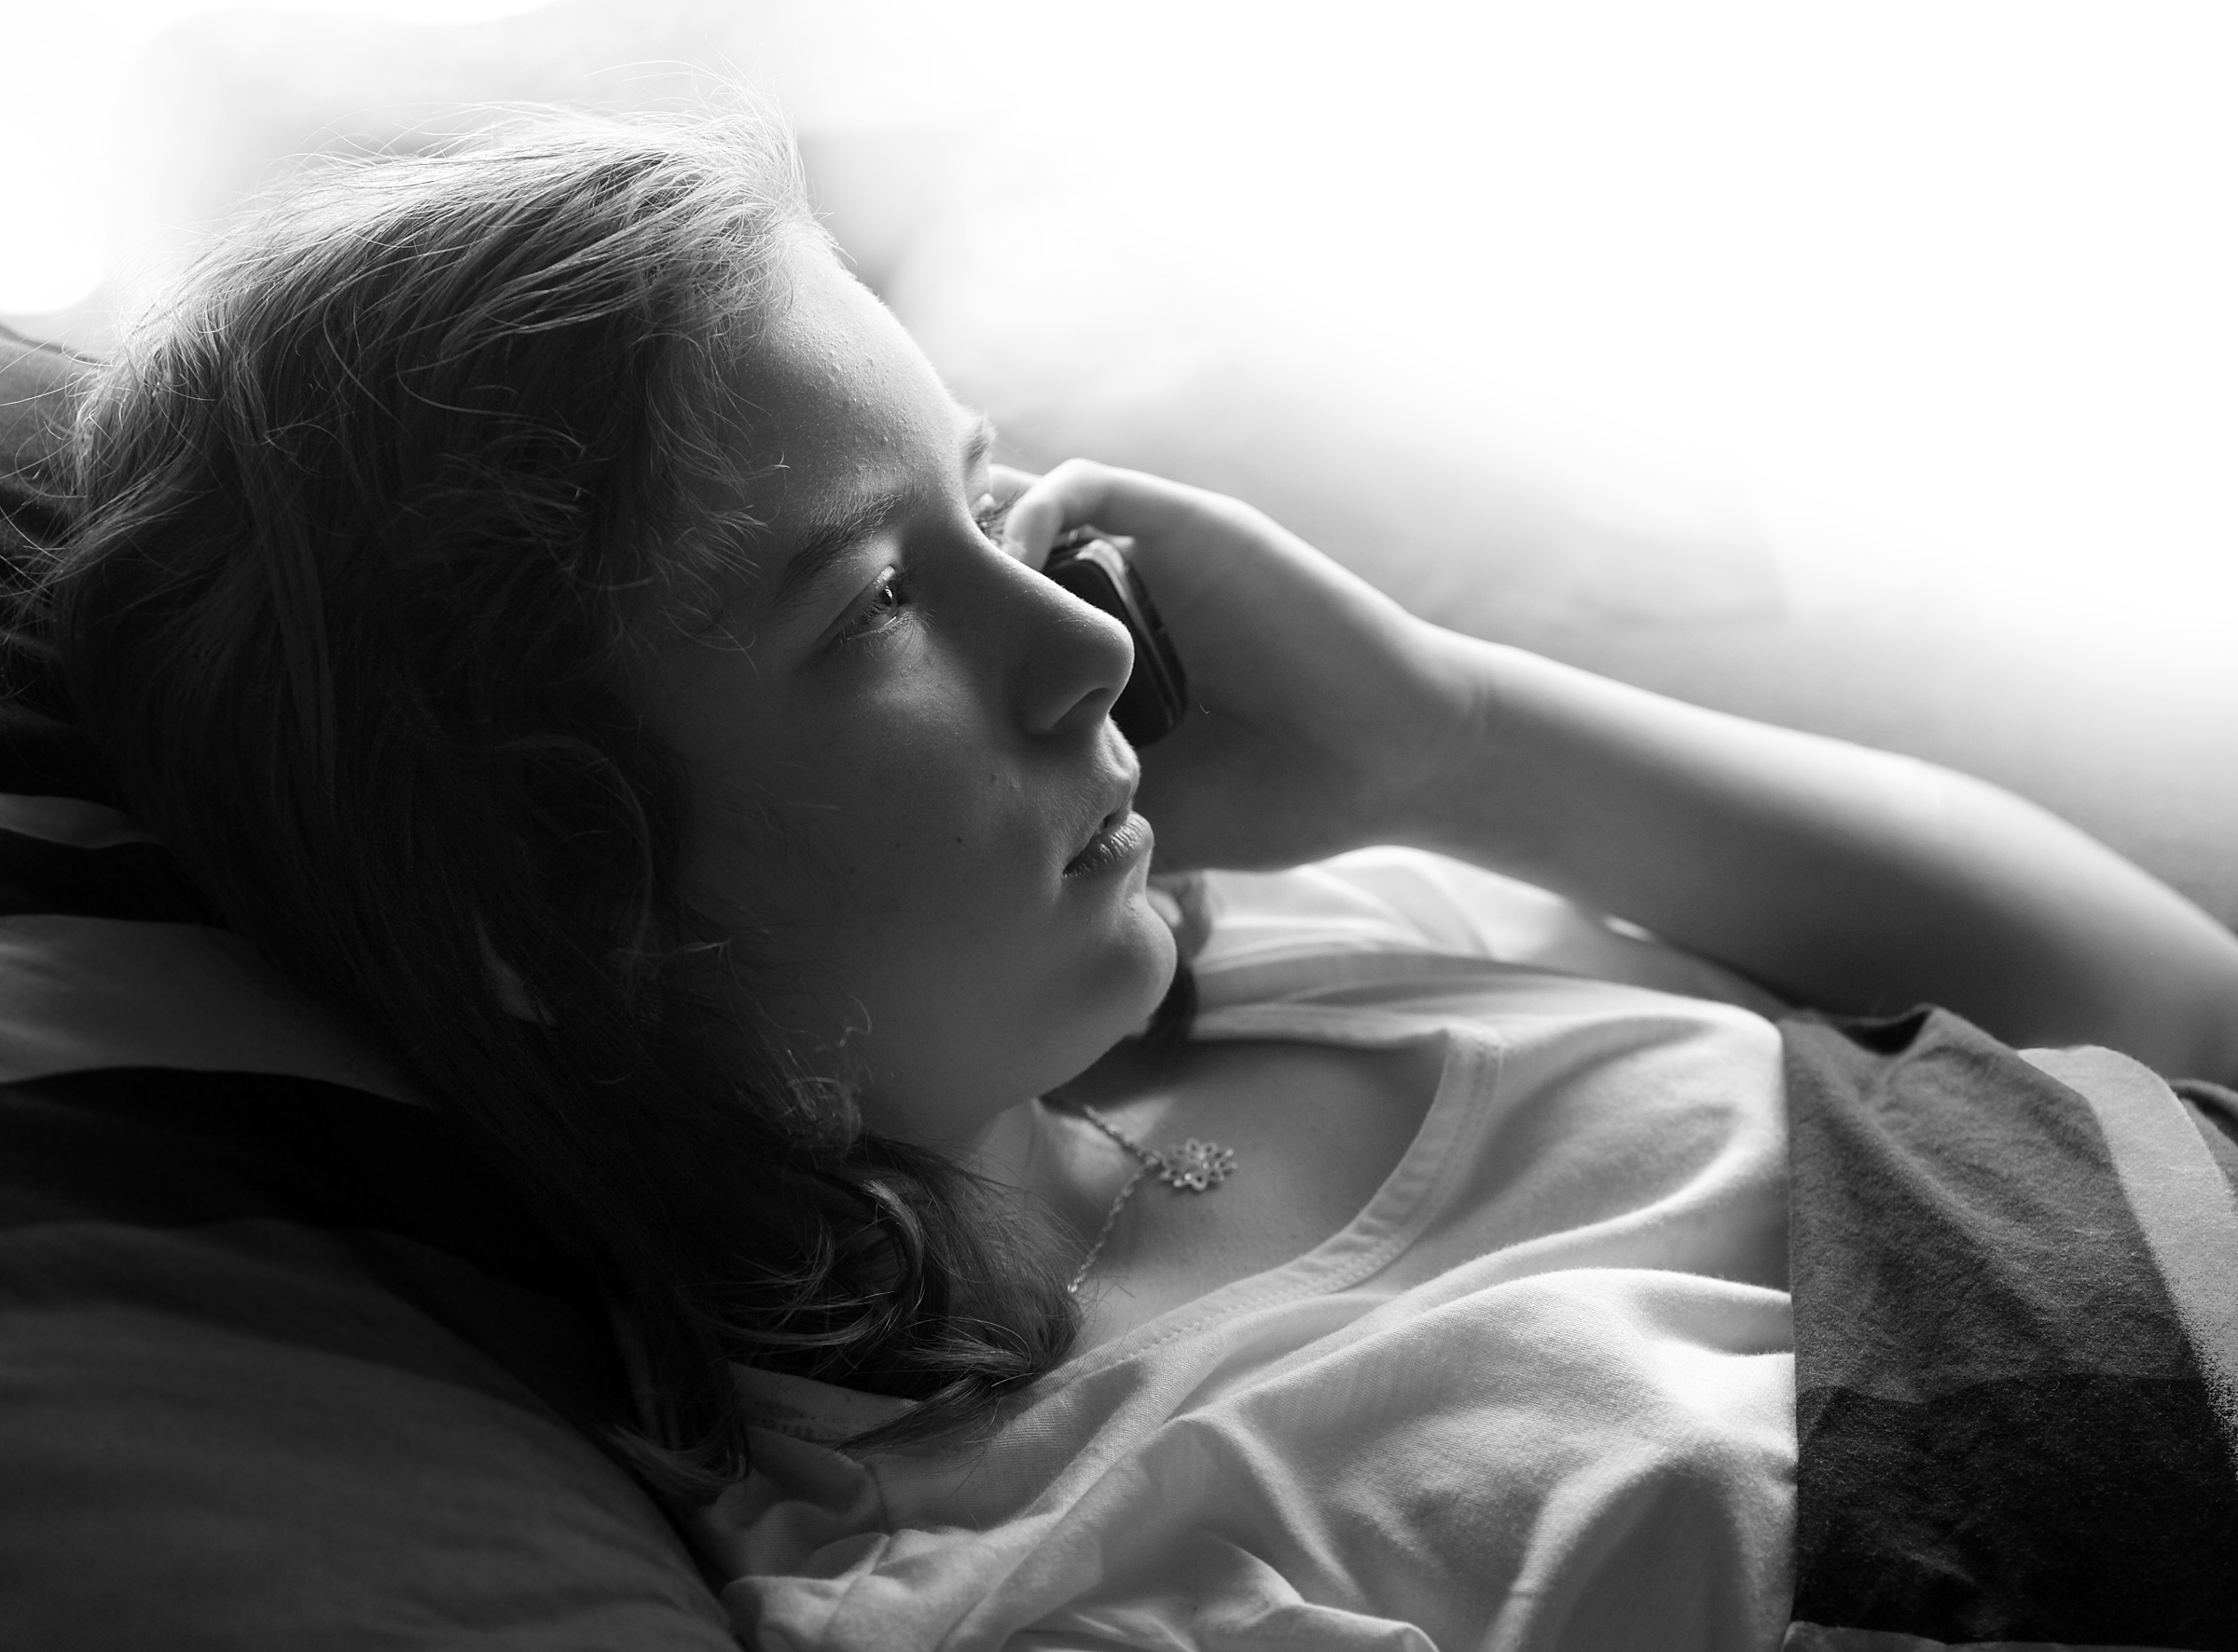 Samtal om sexuella övergrepp har ökat med 43 procent under perioden, och det är i synnerhet tjejer som står för uppgången.